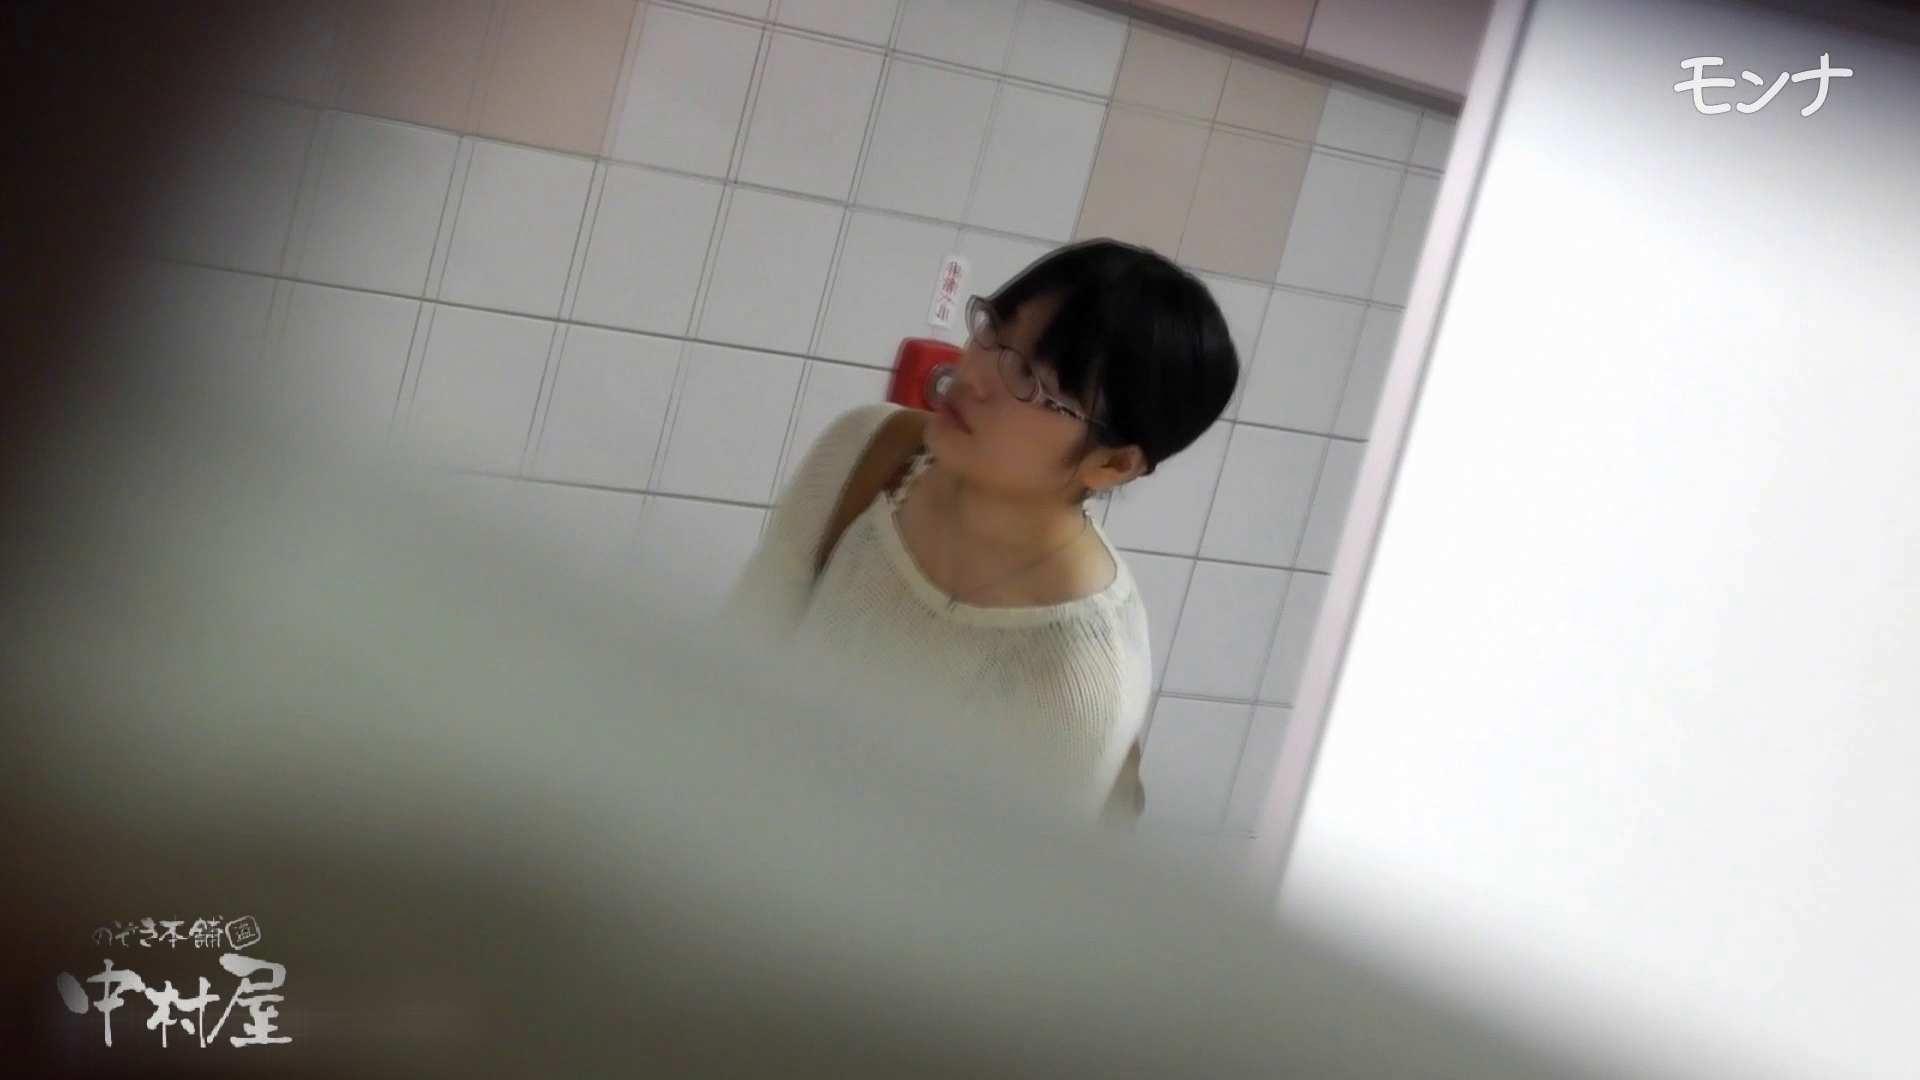 美しい日本の未来 No.55 普通の子たちの日常調長身あり 覗き セックス無修正動画無料 72pic 24